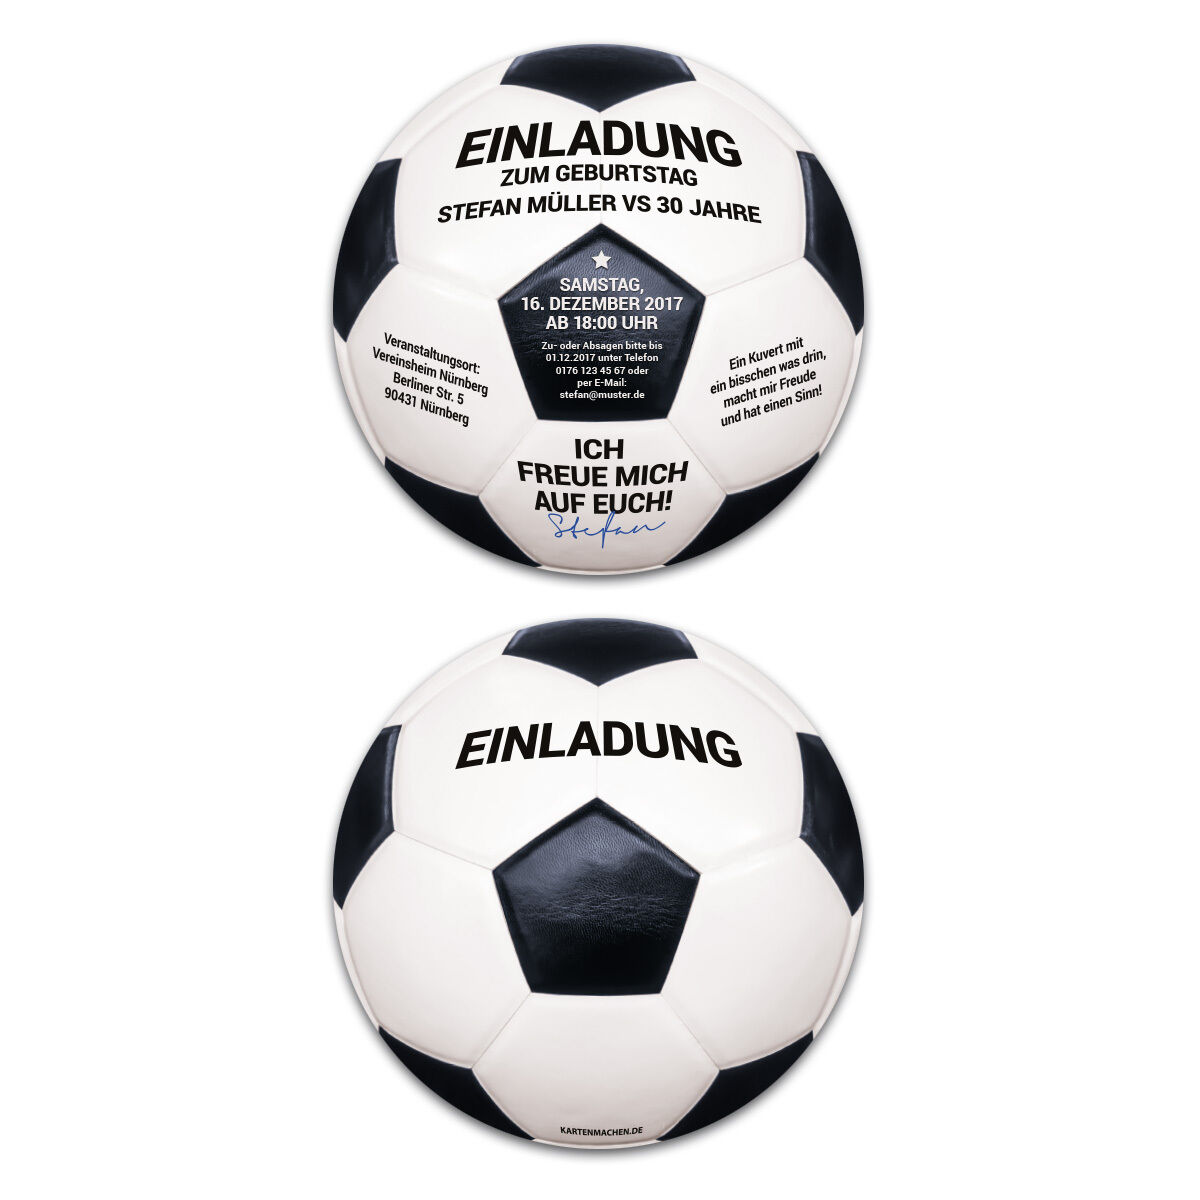 Runde Einladungskarten Geburtstag individuell Vintage Retro Schwarz-Weiß Fußball | Fairer Preis  | Erste Qualität